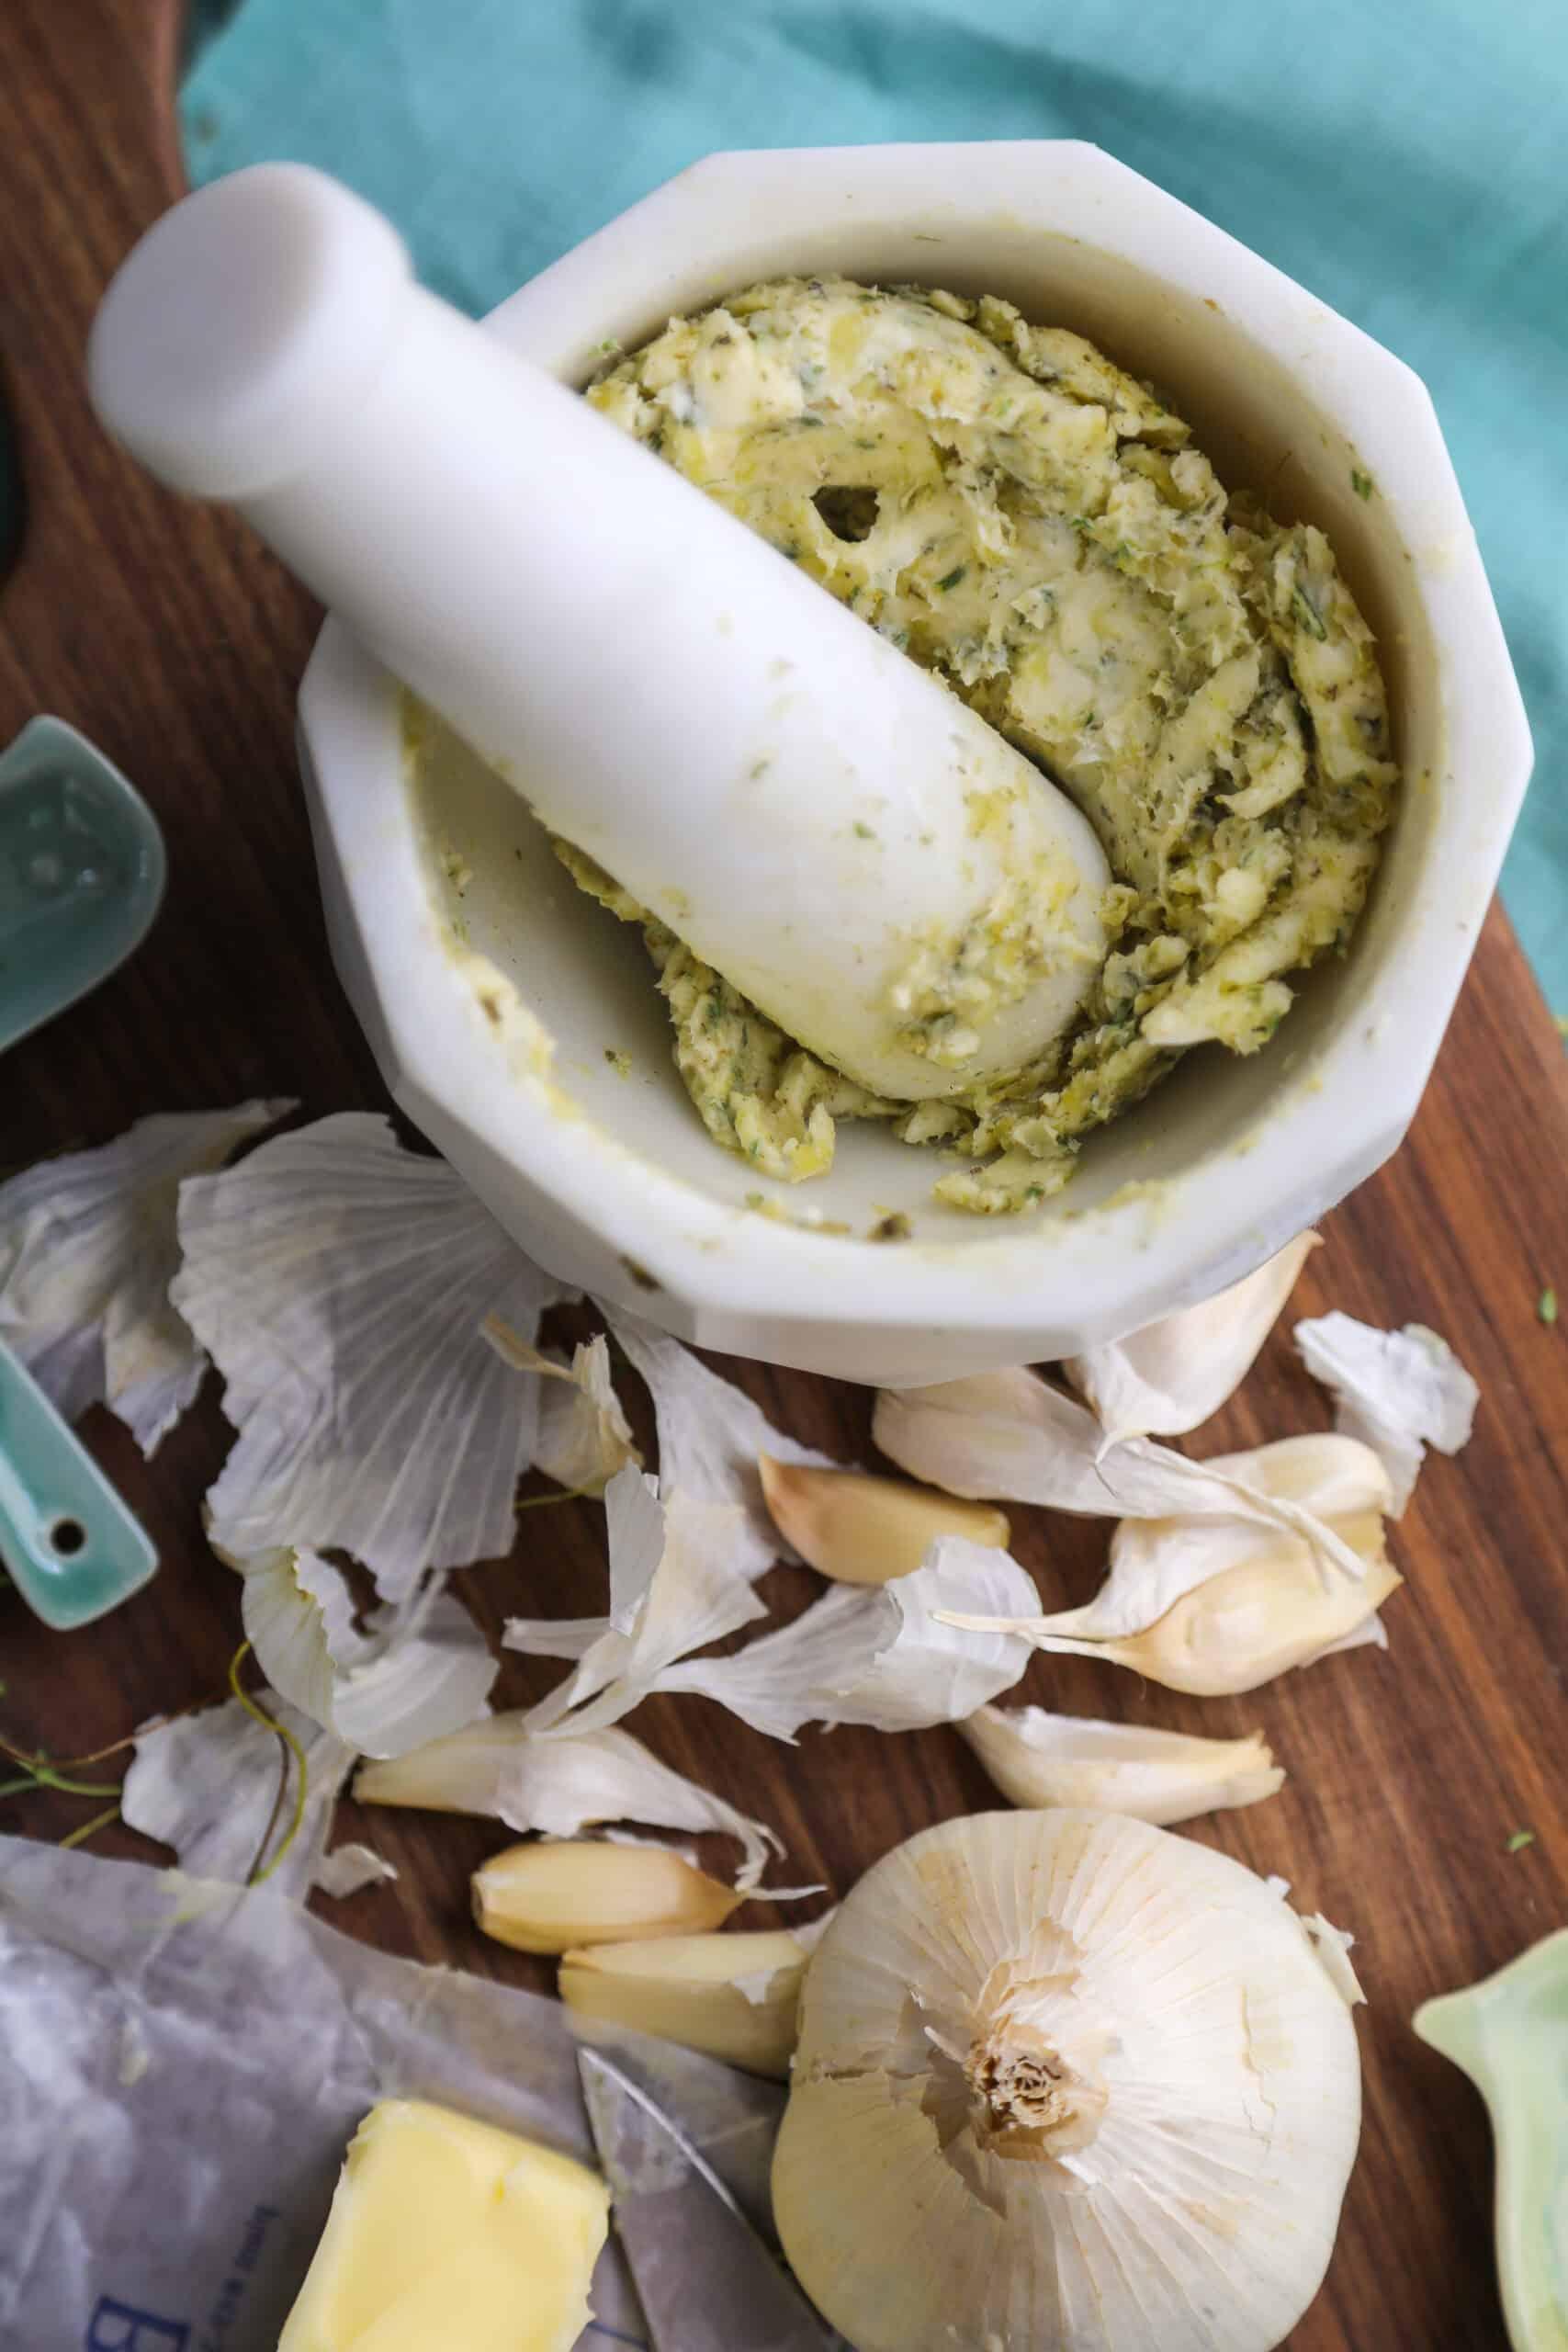 garlic herb compound butter